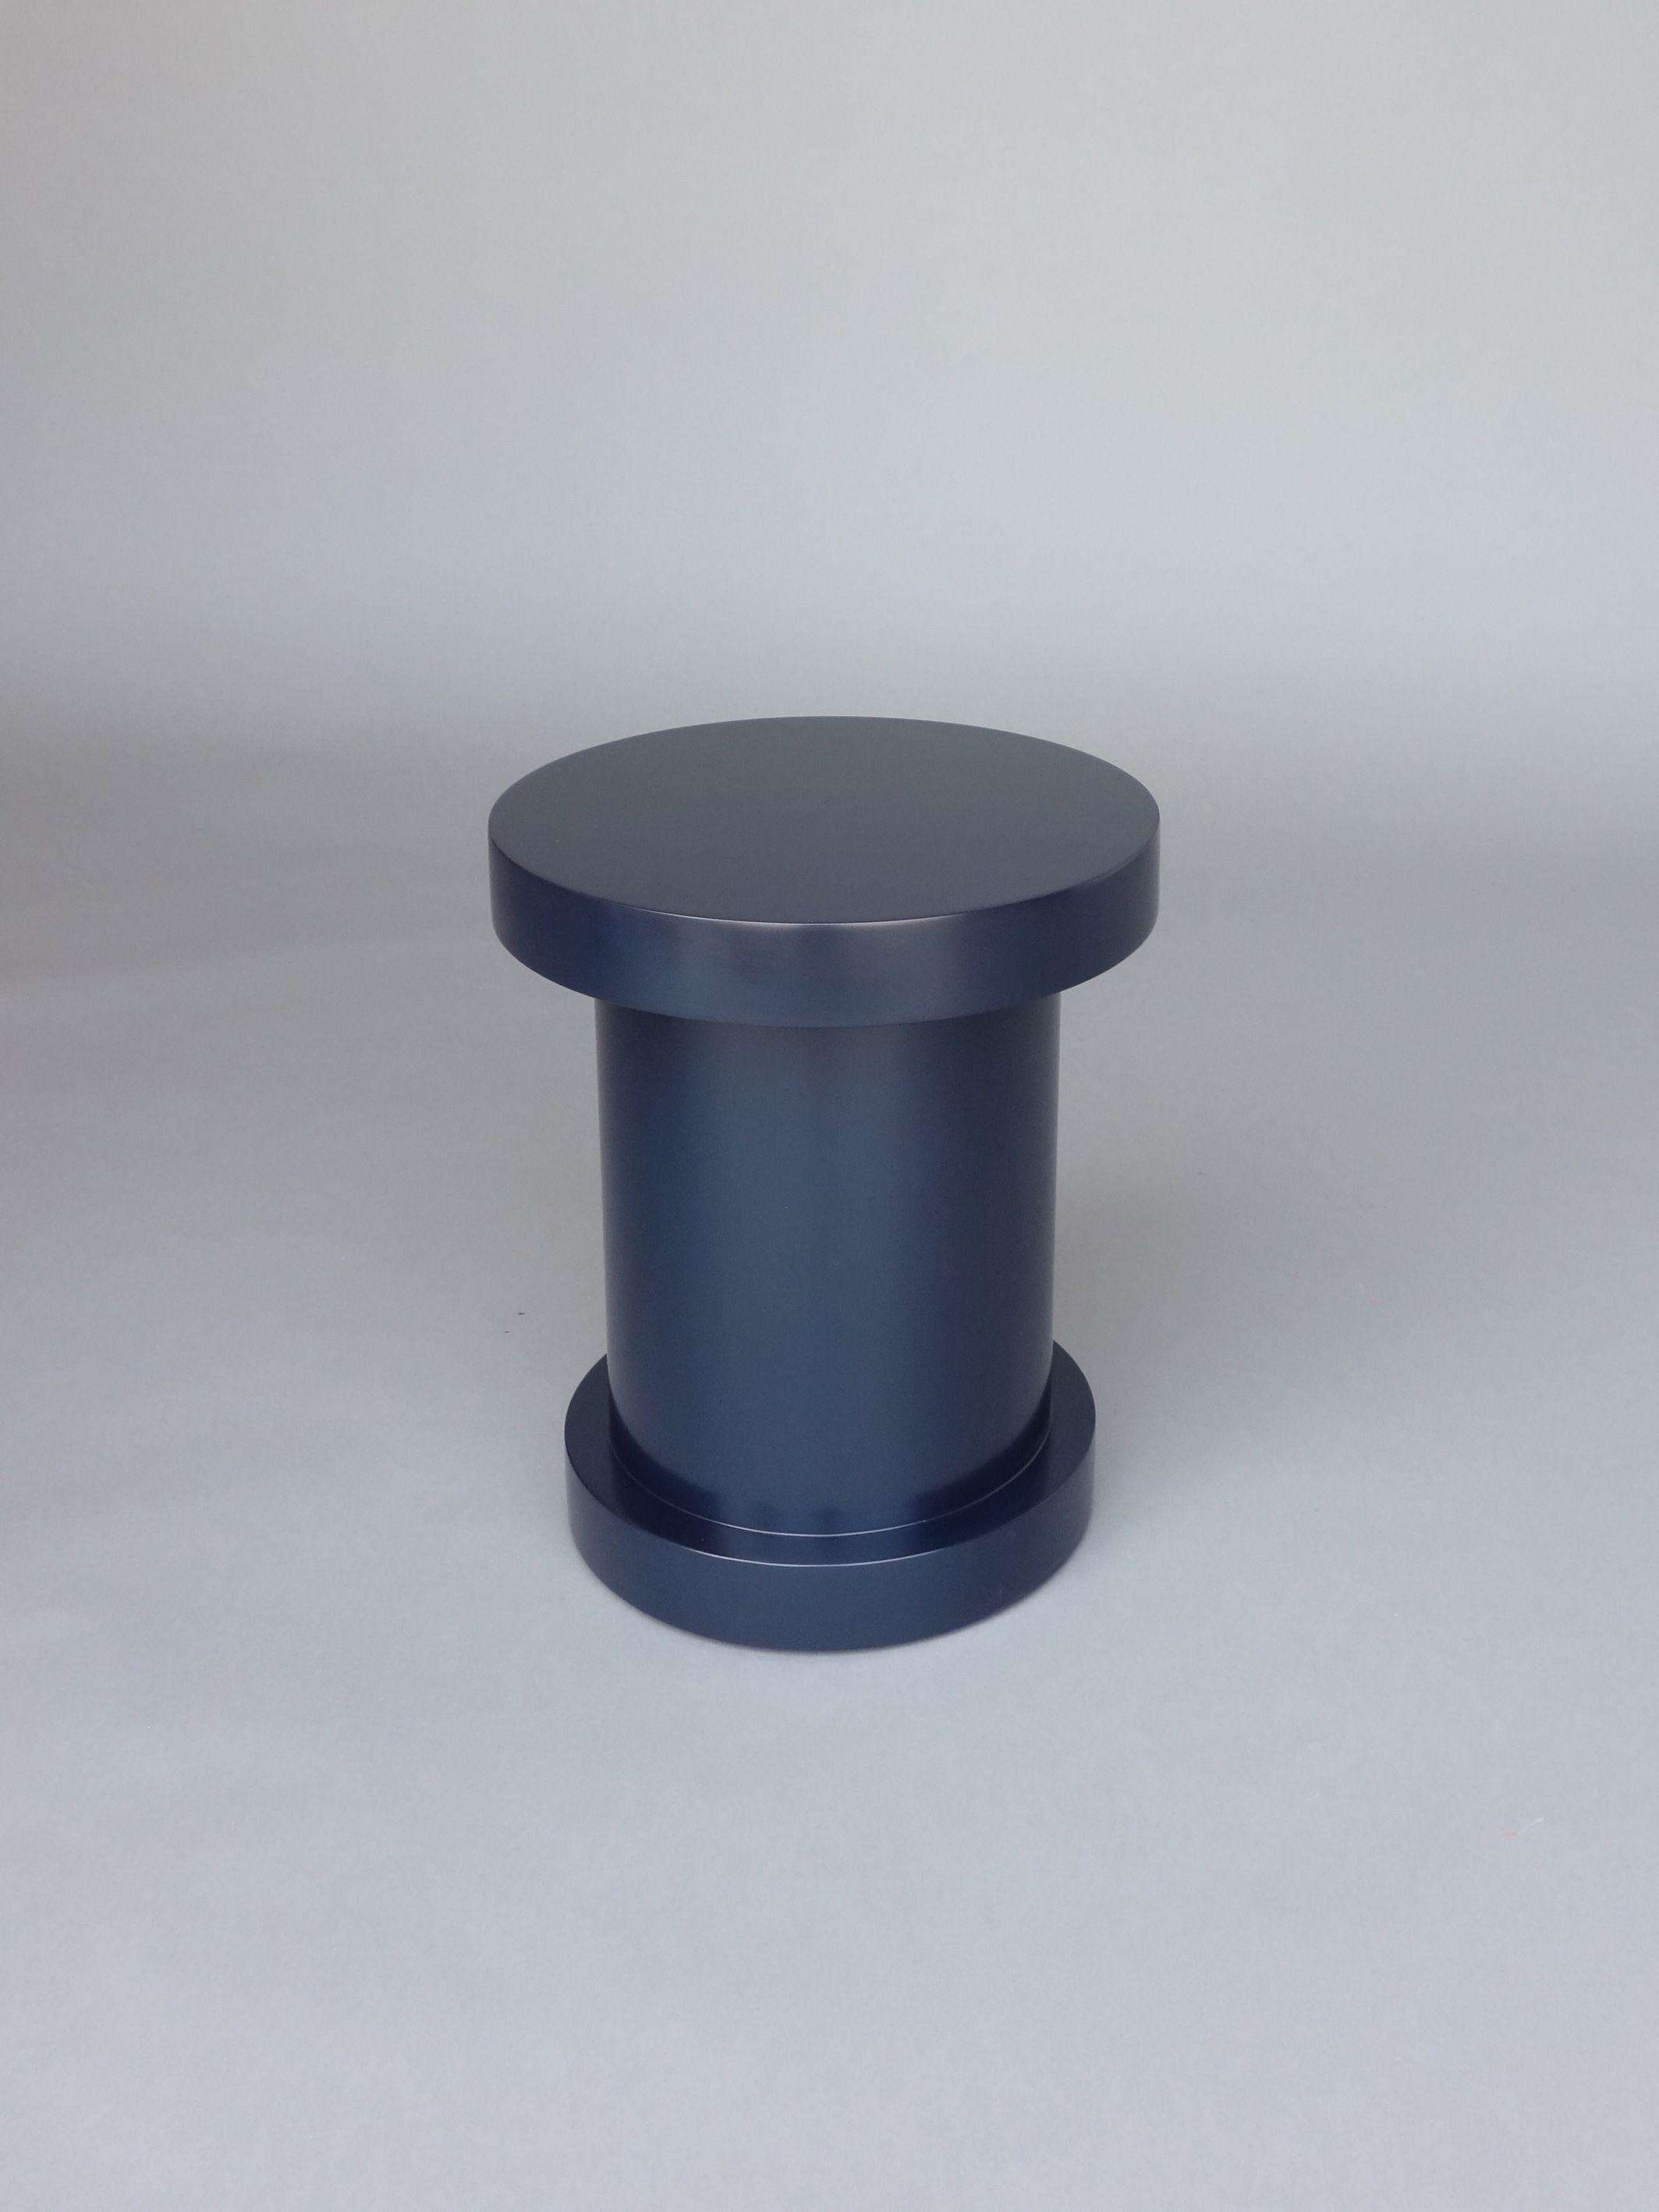 Spool Stools product image 7